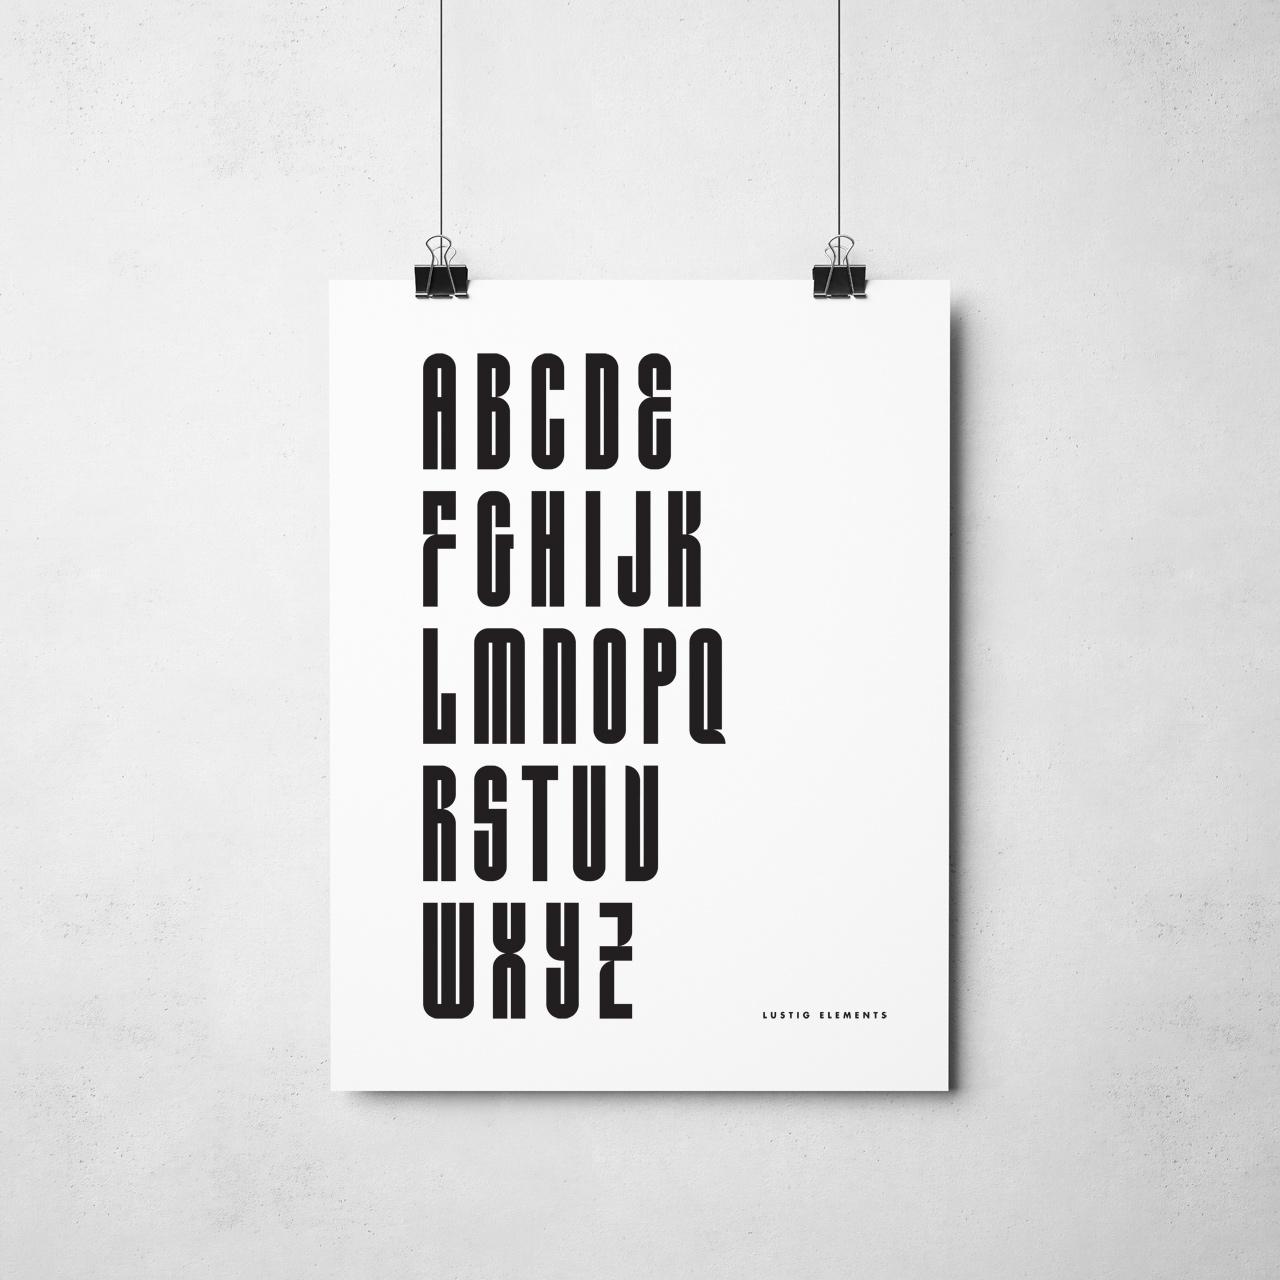 91-letterpress-2